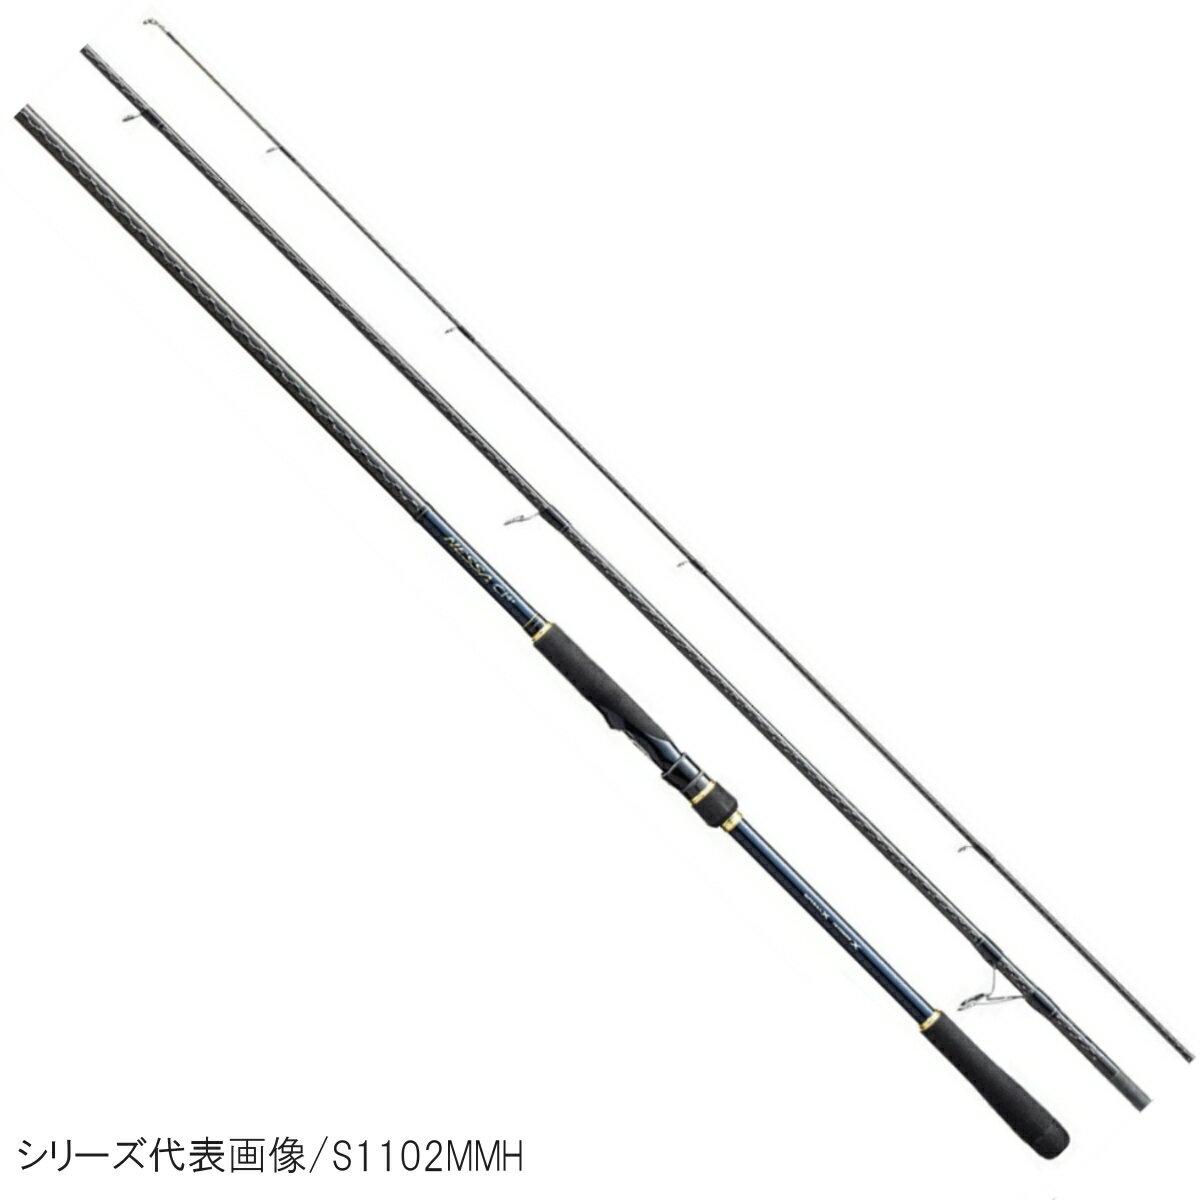 シマノ ネッサ CI4+ S1008MMH【送料無料】